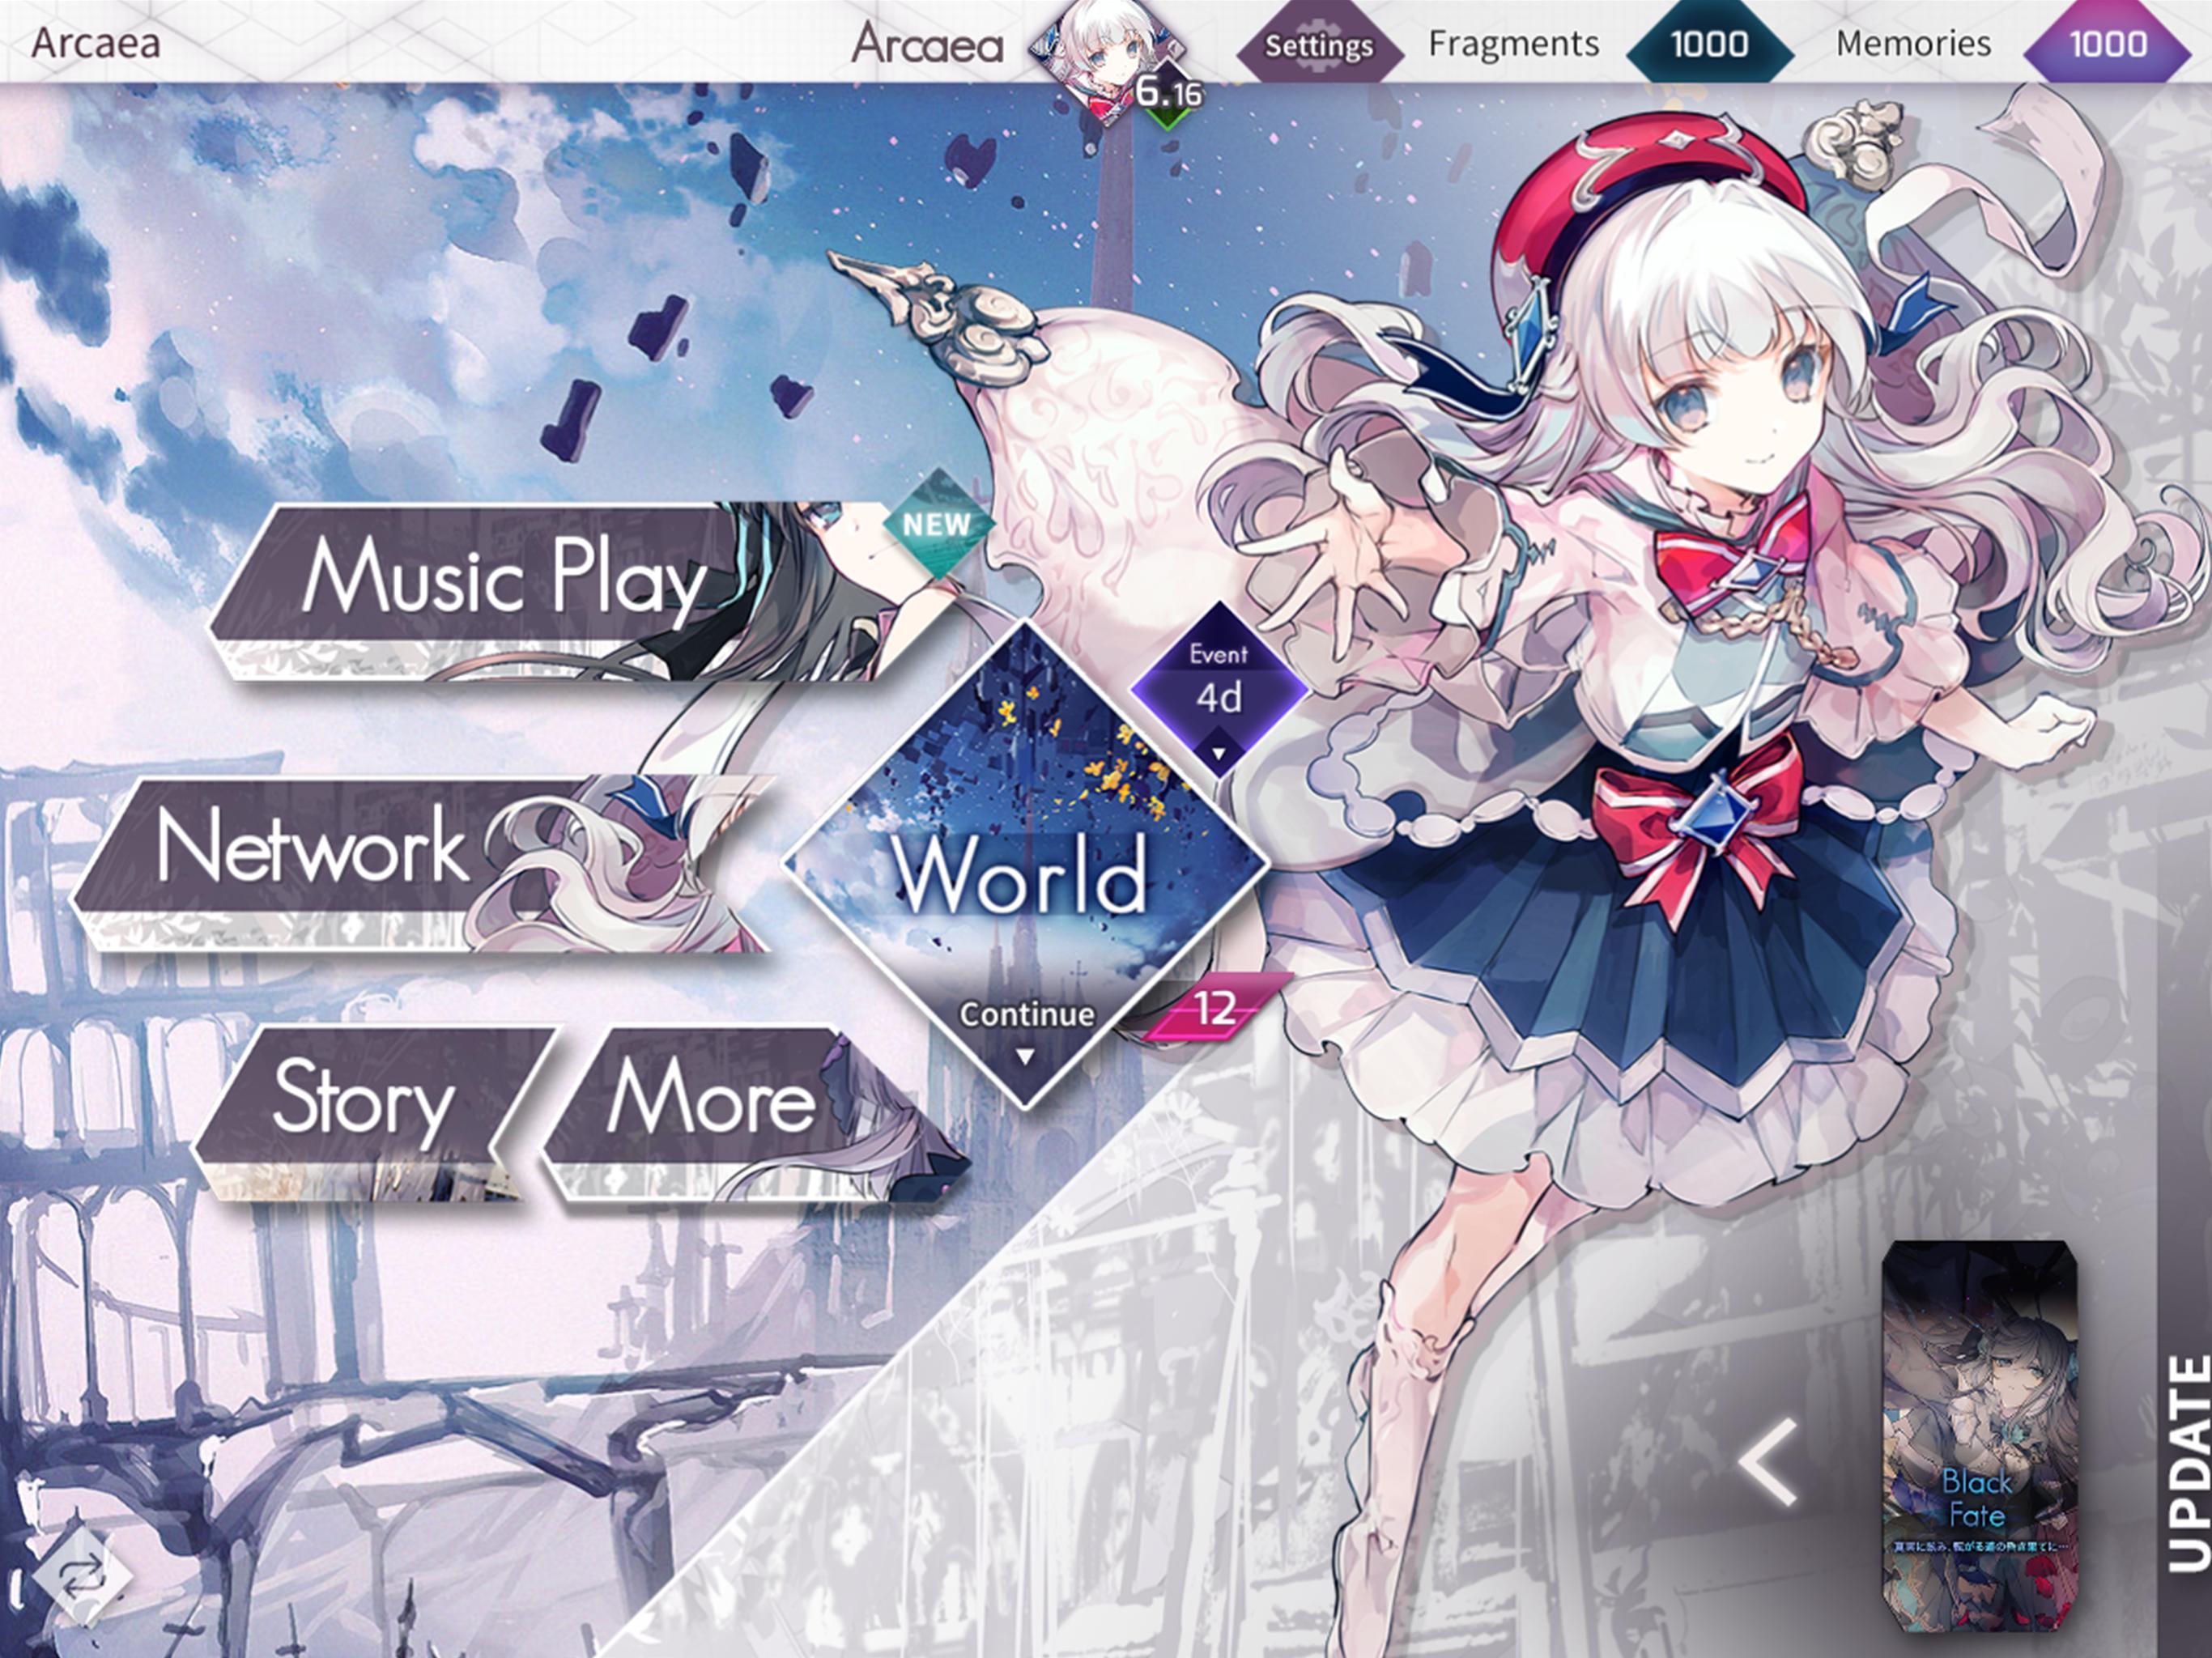 Arcaea New Dimension Rhythm Game 3.2.4 Screenshot 6